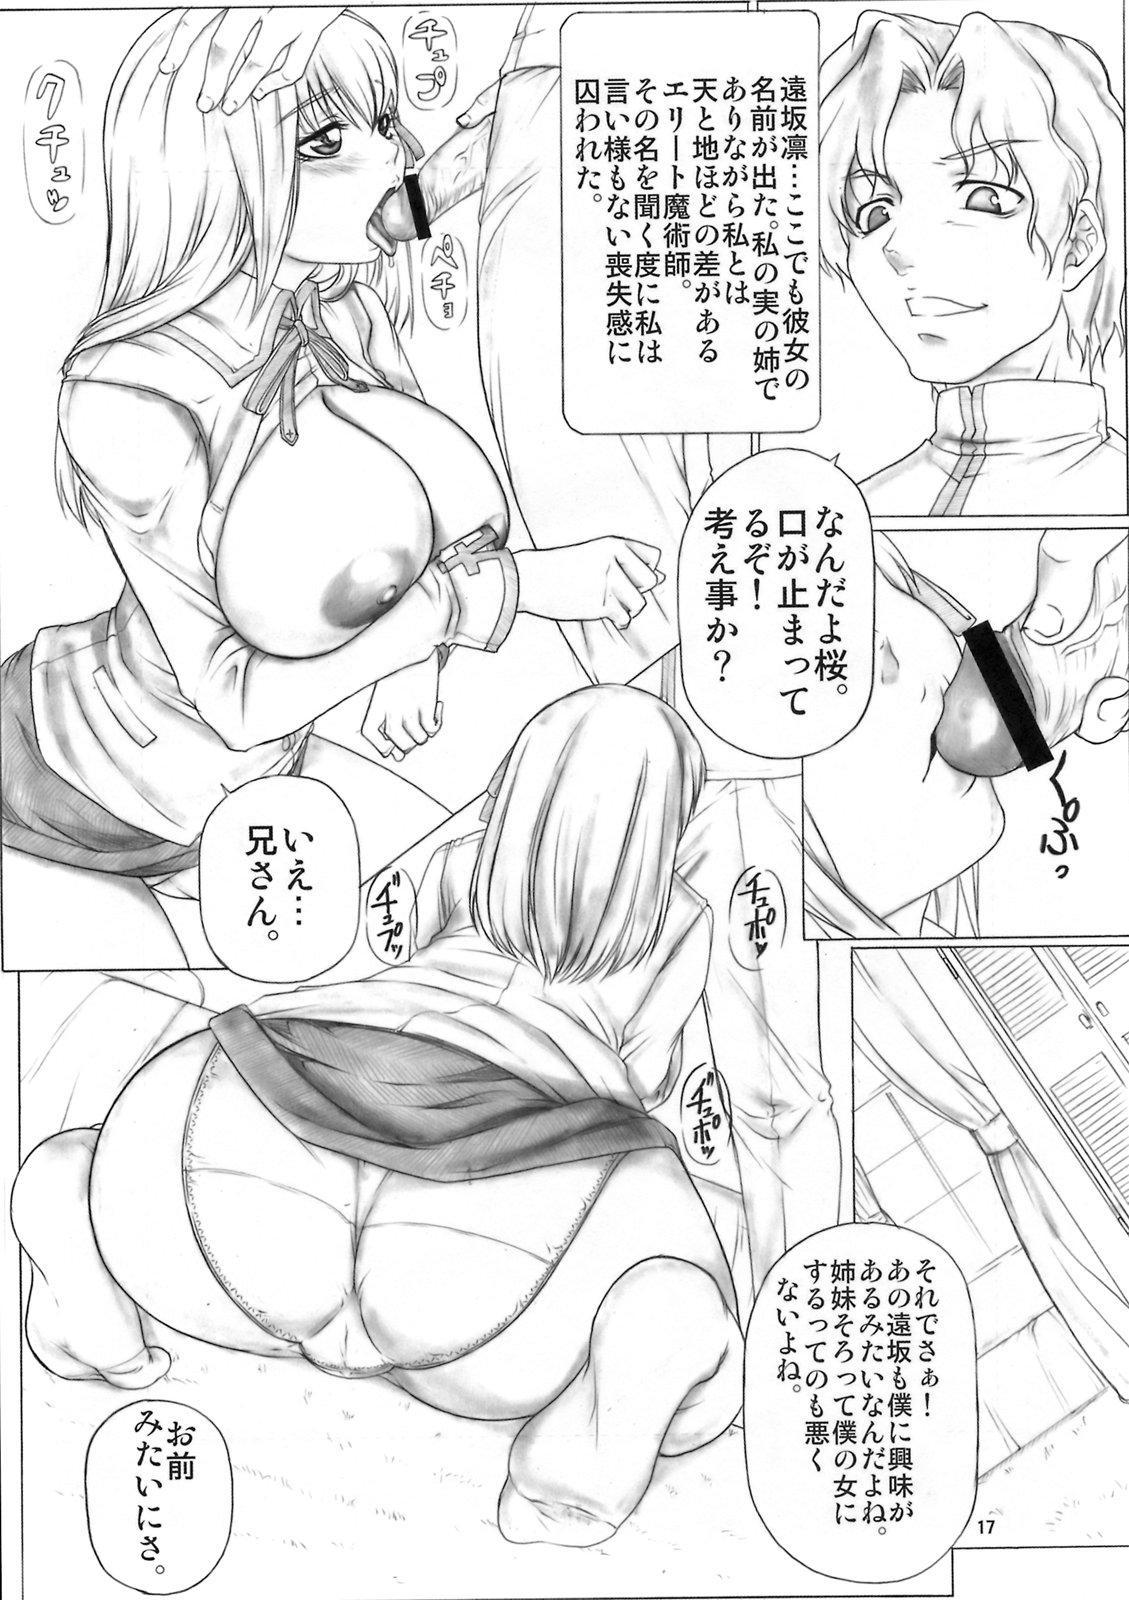 Angel's Stroke 14 Kuroki Sakura no Mai Chiru Yoru ni 17